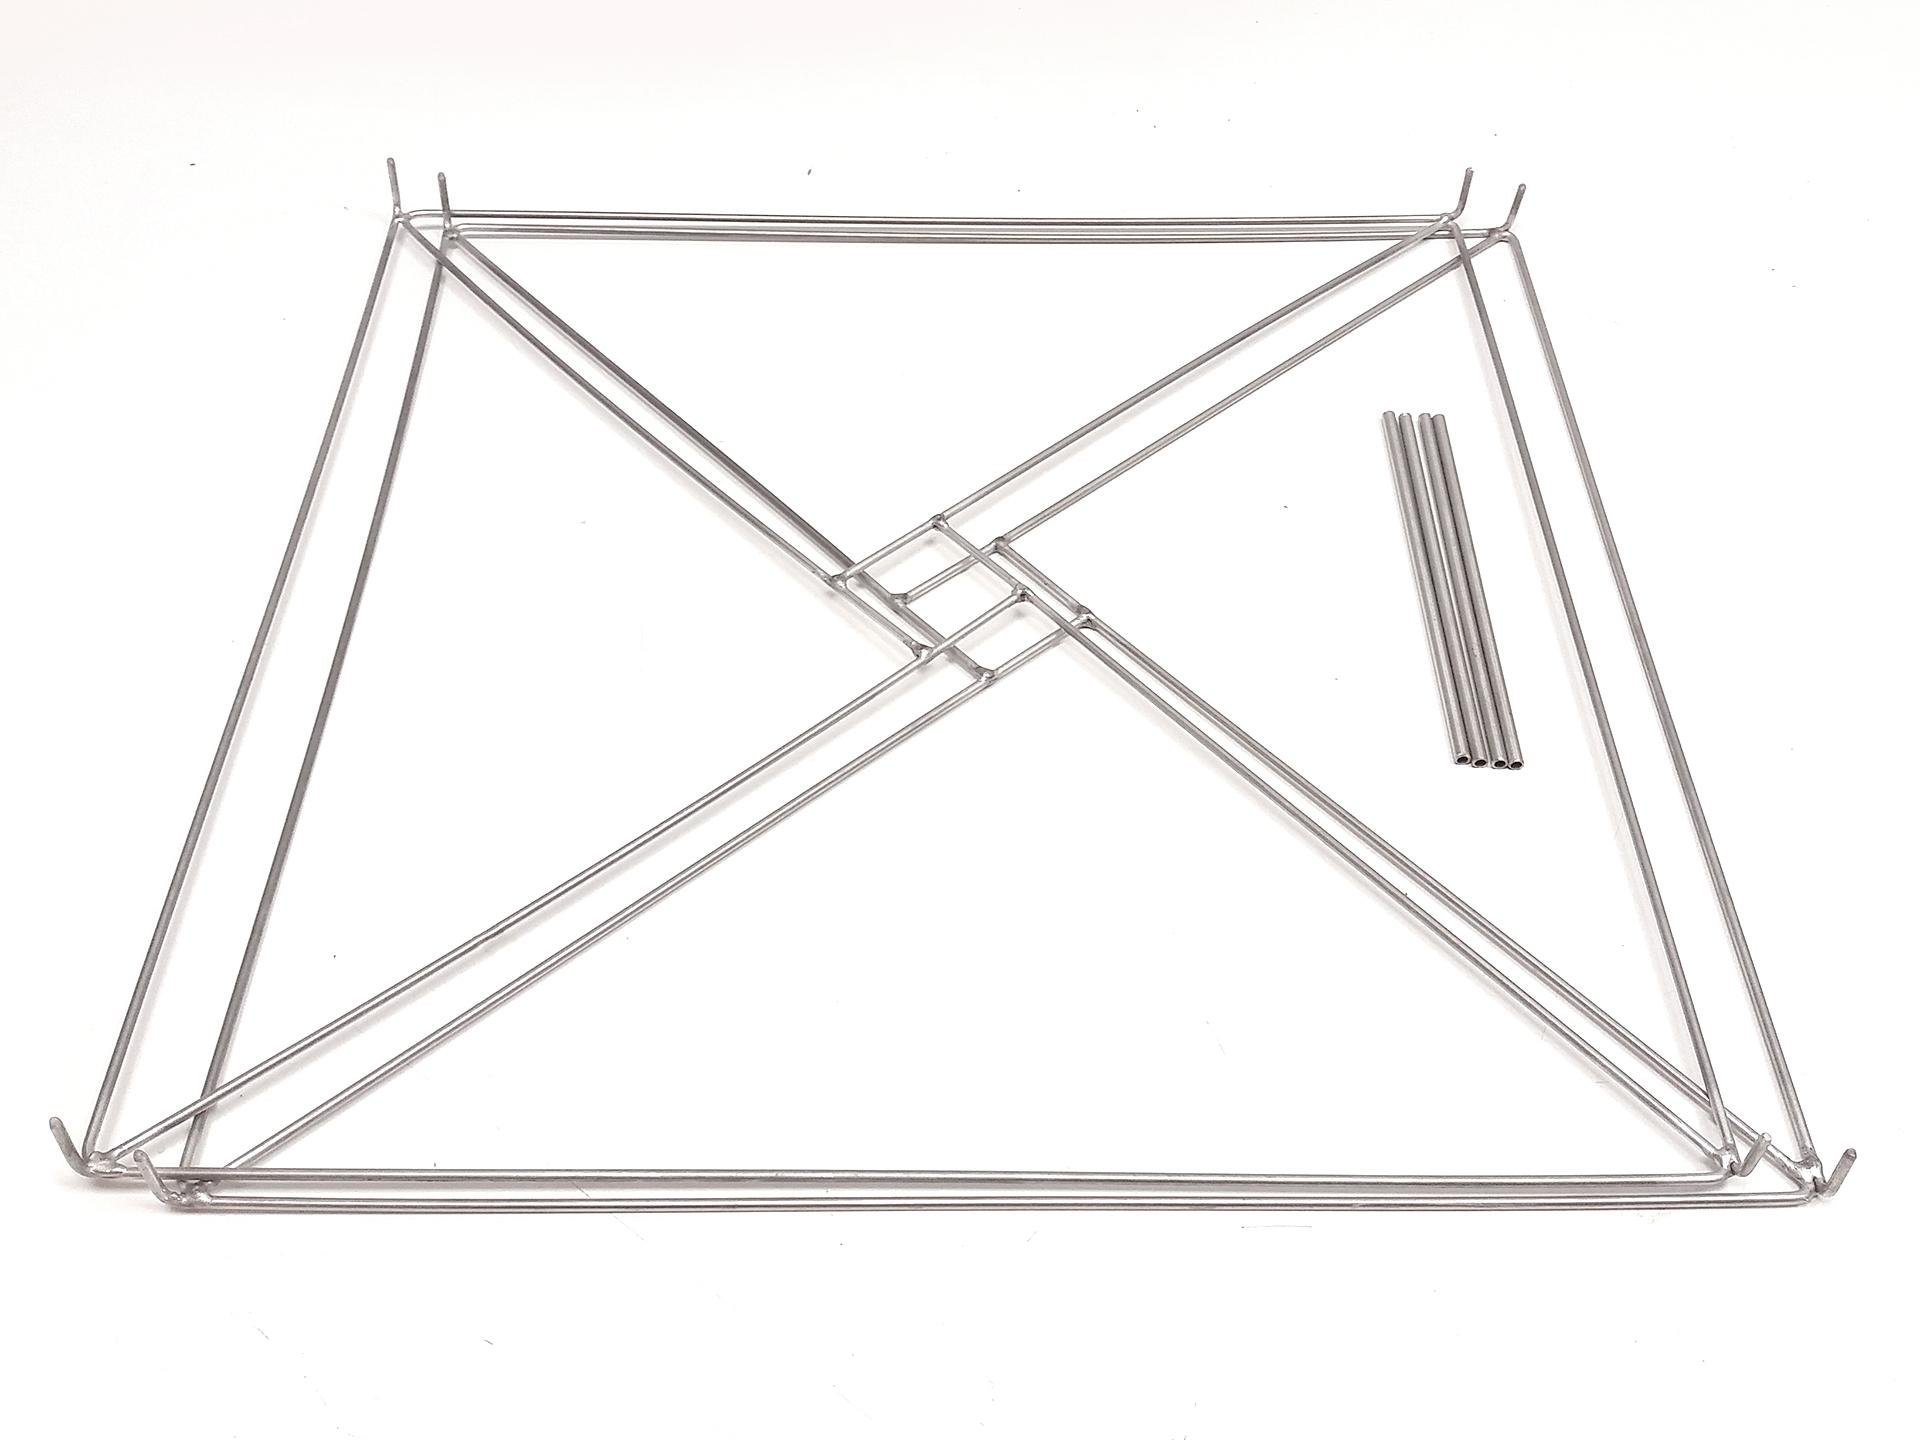 Telaio T4XXL consegnato sfuso in acciaio inossidabile 60x60x